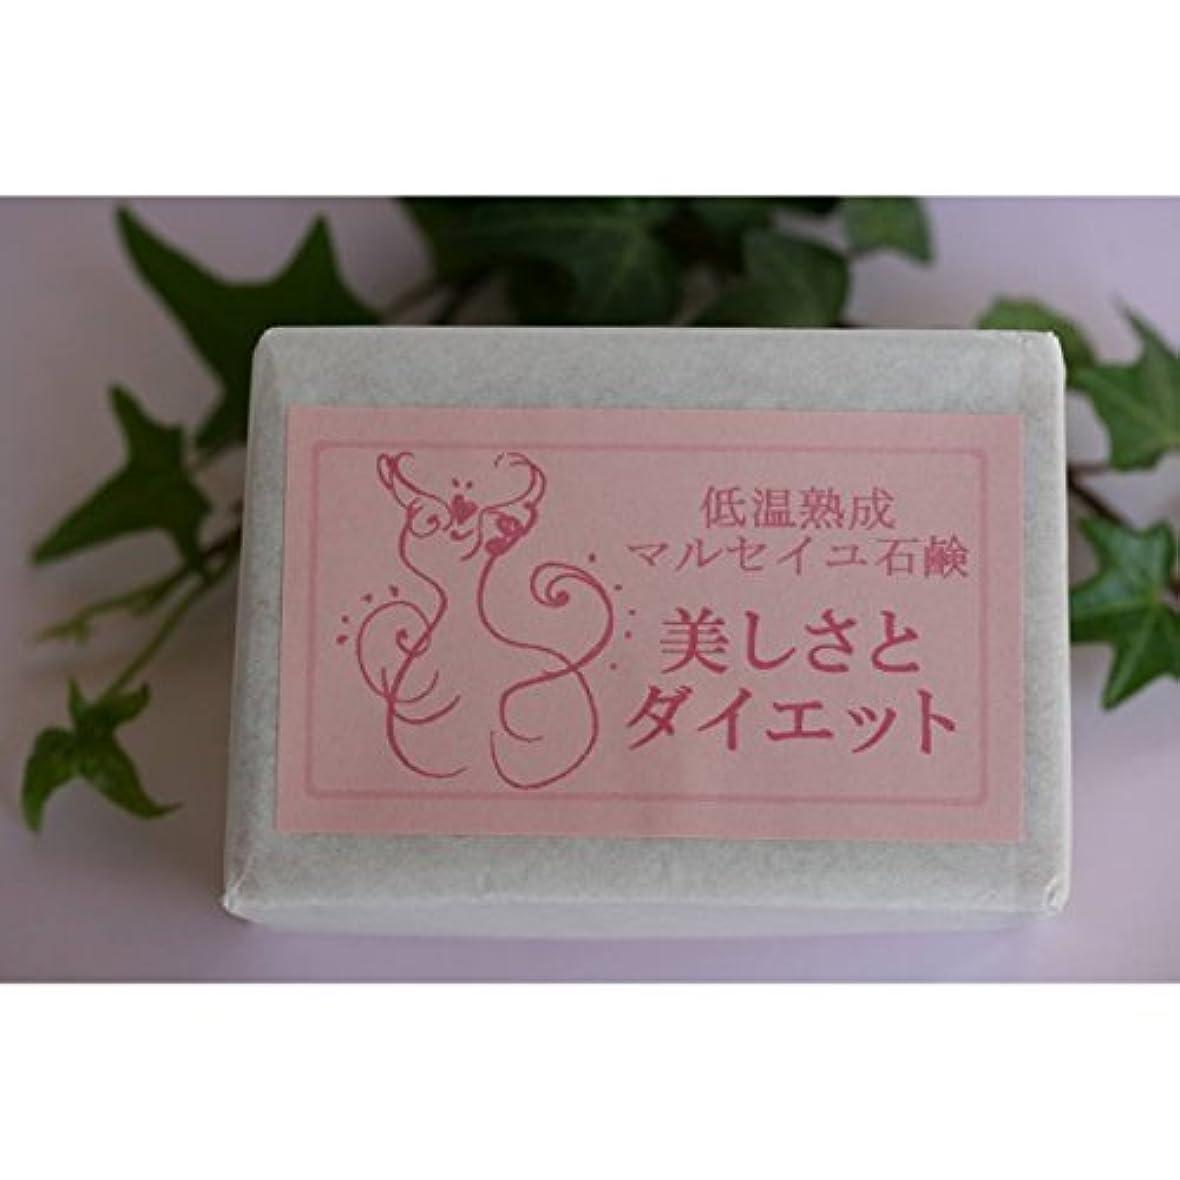 涙床を掃除する財布マウントフジ フラワーエッセンス 低温熟成 マルセイユ石鹸 美しさとダイエット (MTFUJI FLOWER ESSENCES)